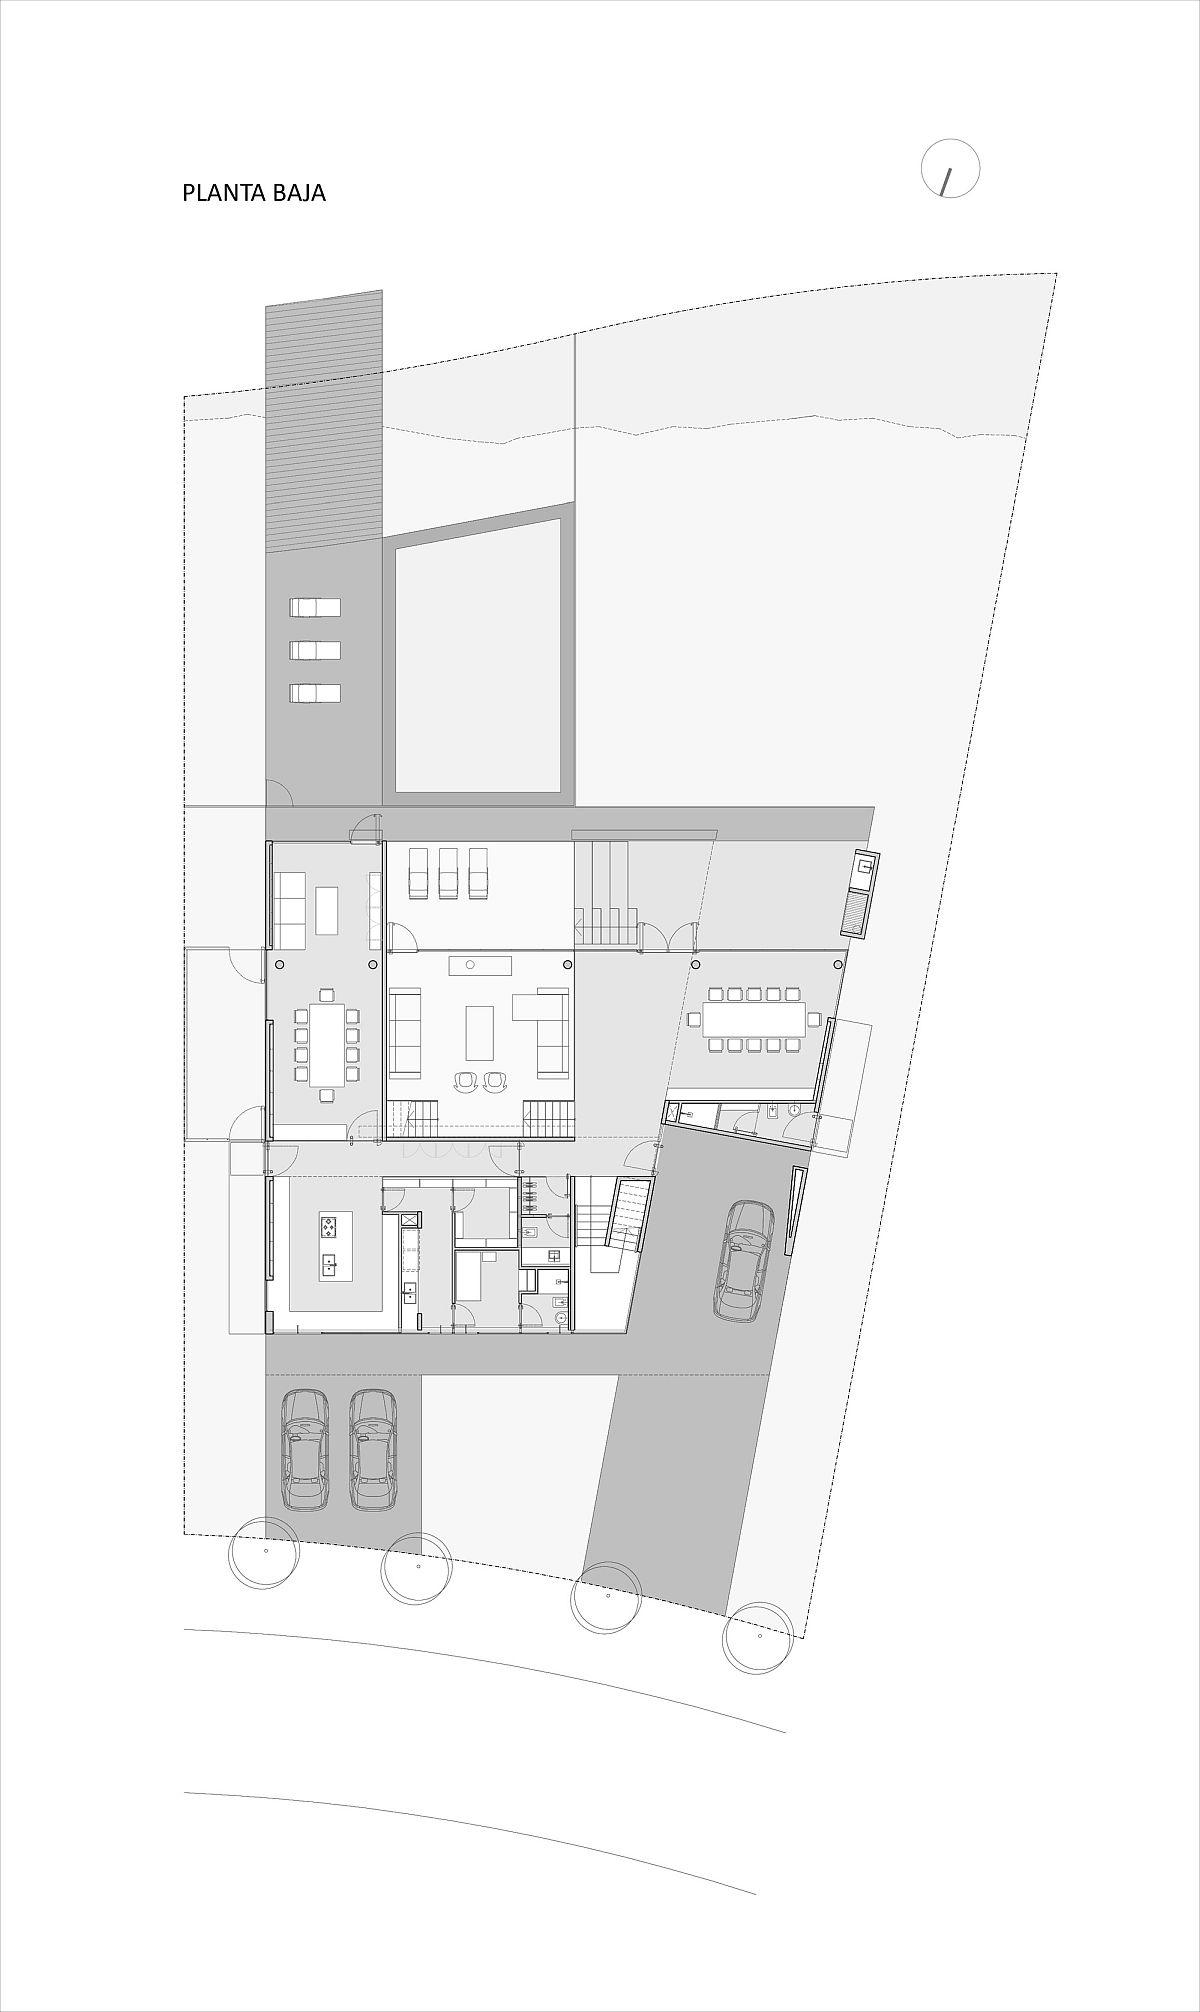 Plan de conception du rez-de-chaussée de la maison Castores par Dieguez Fridman